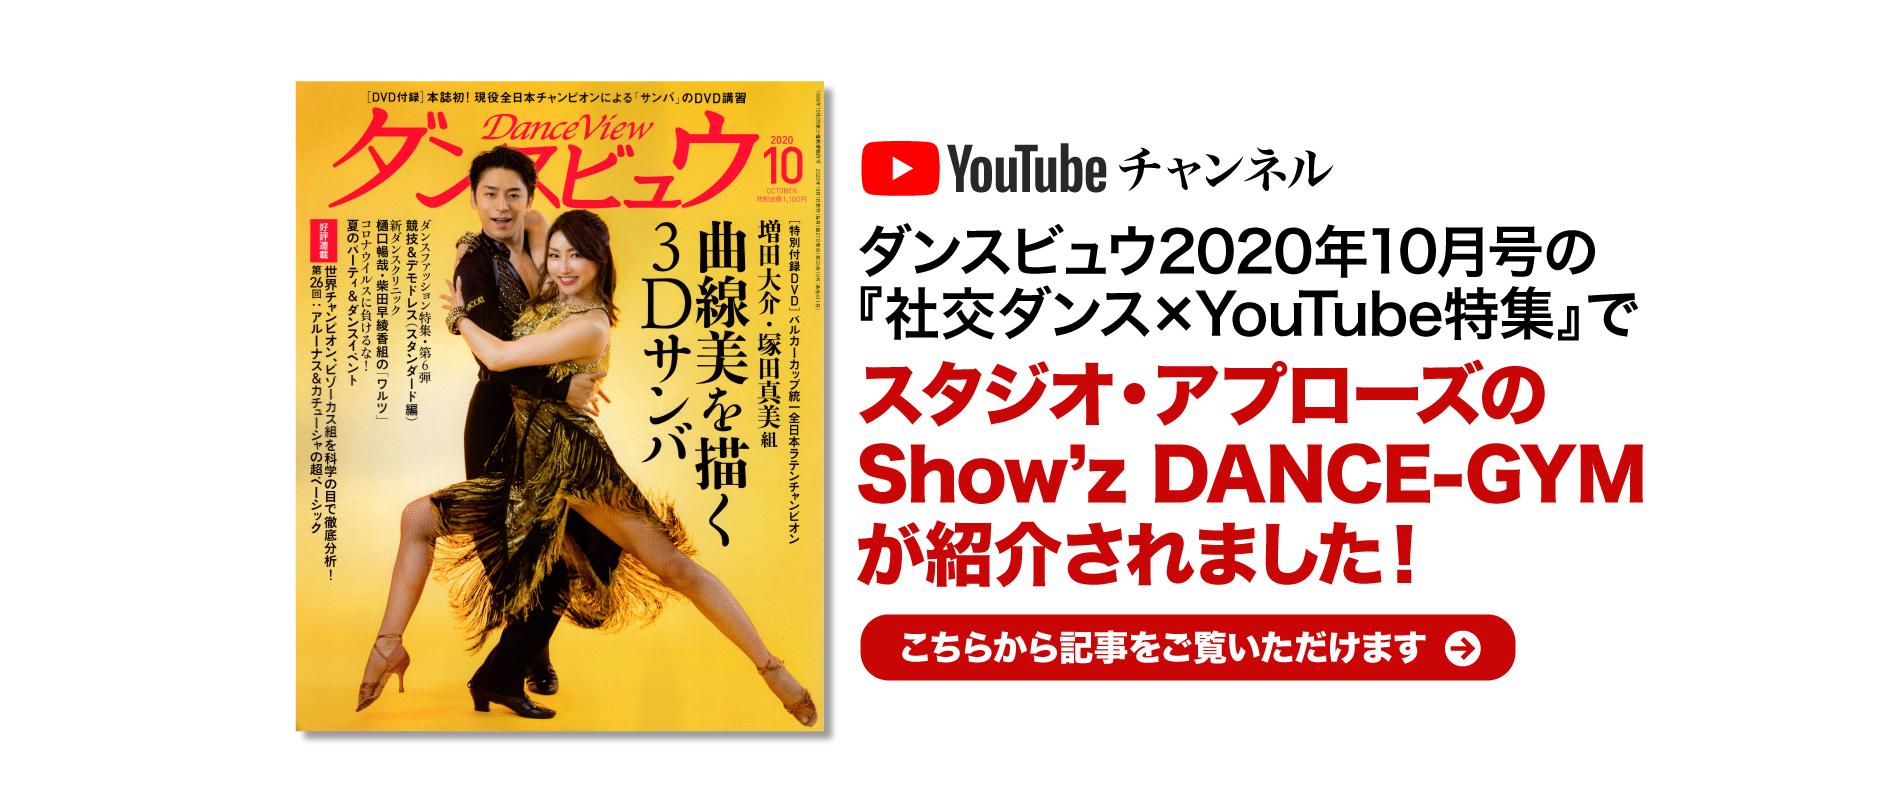 ダンスビュウ2020年10月号の『社交ダンス×YouTube特集』で紹介されました!